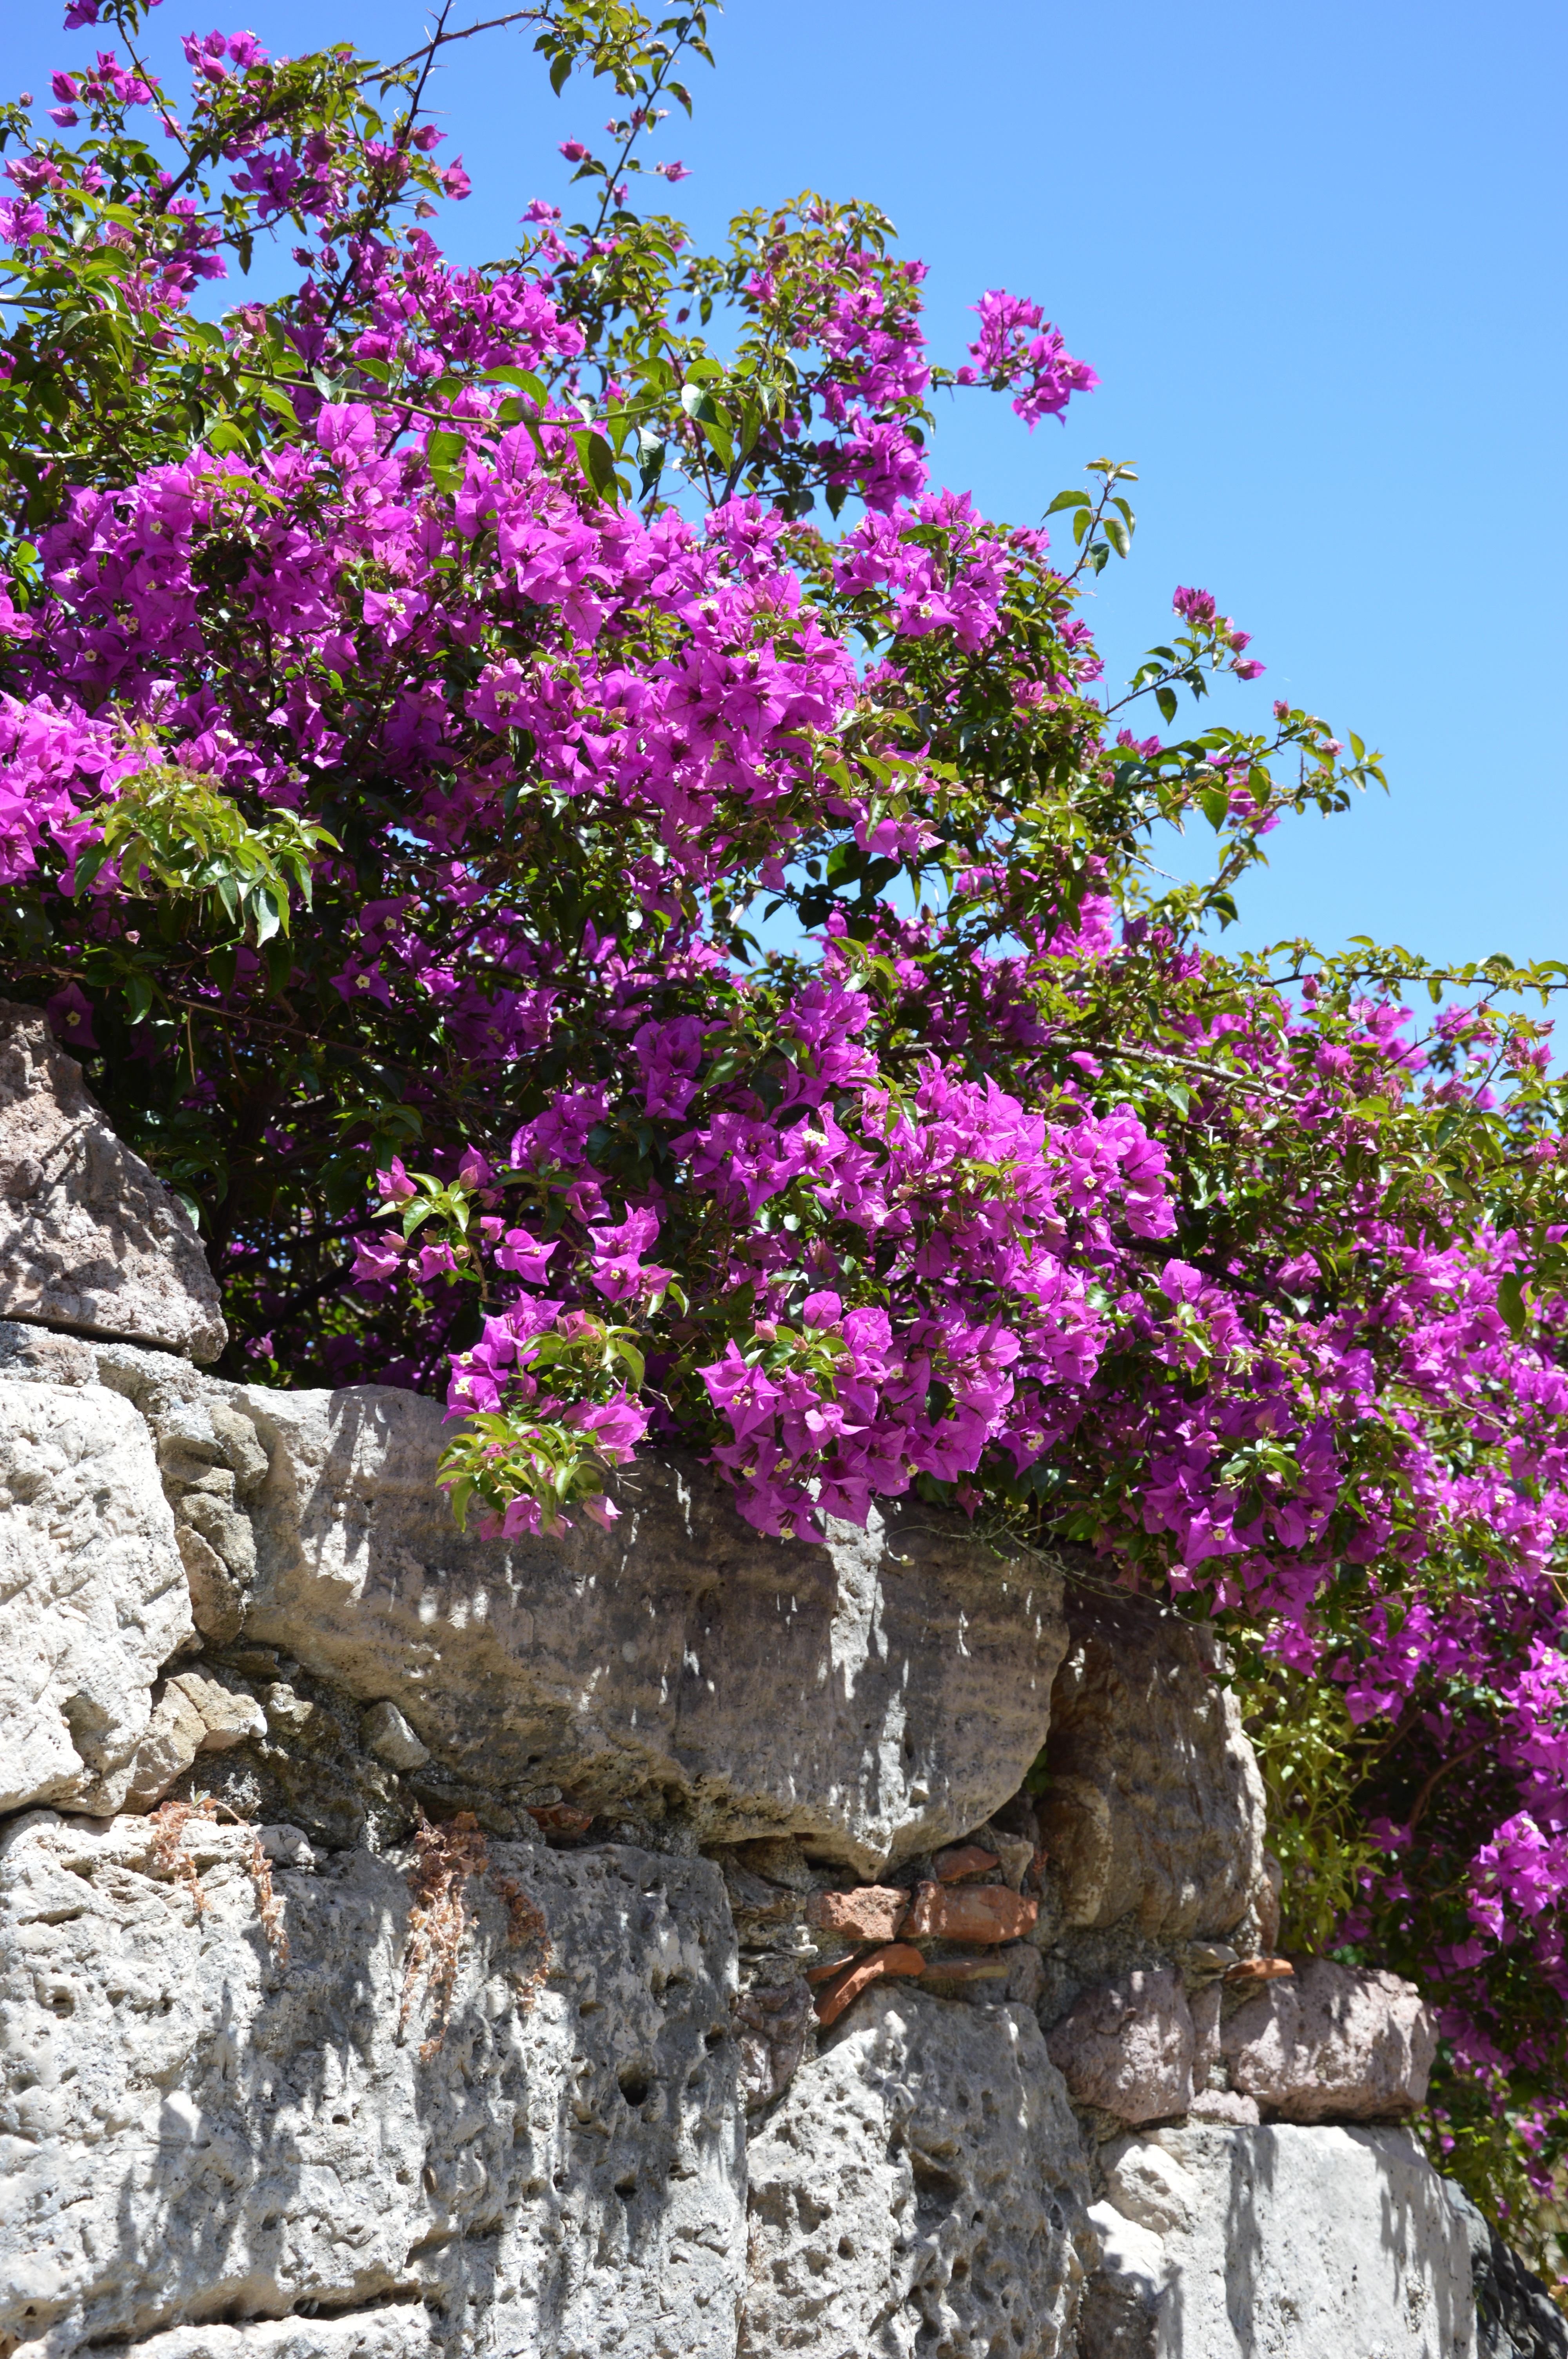 images gratuites : arbre, fleur, violet, botanique, jardin, flore